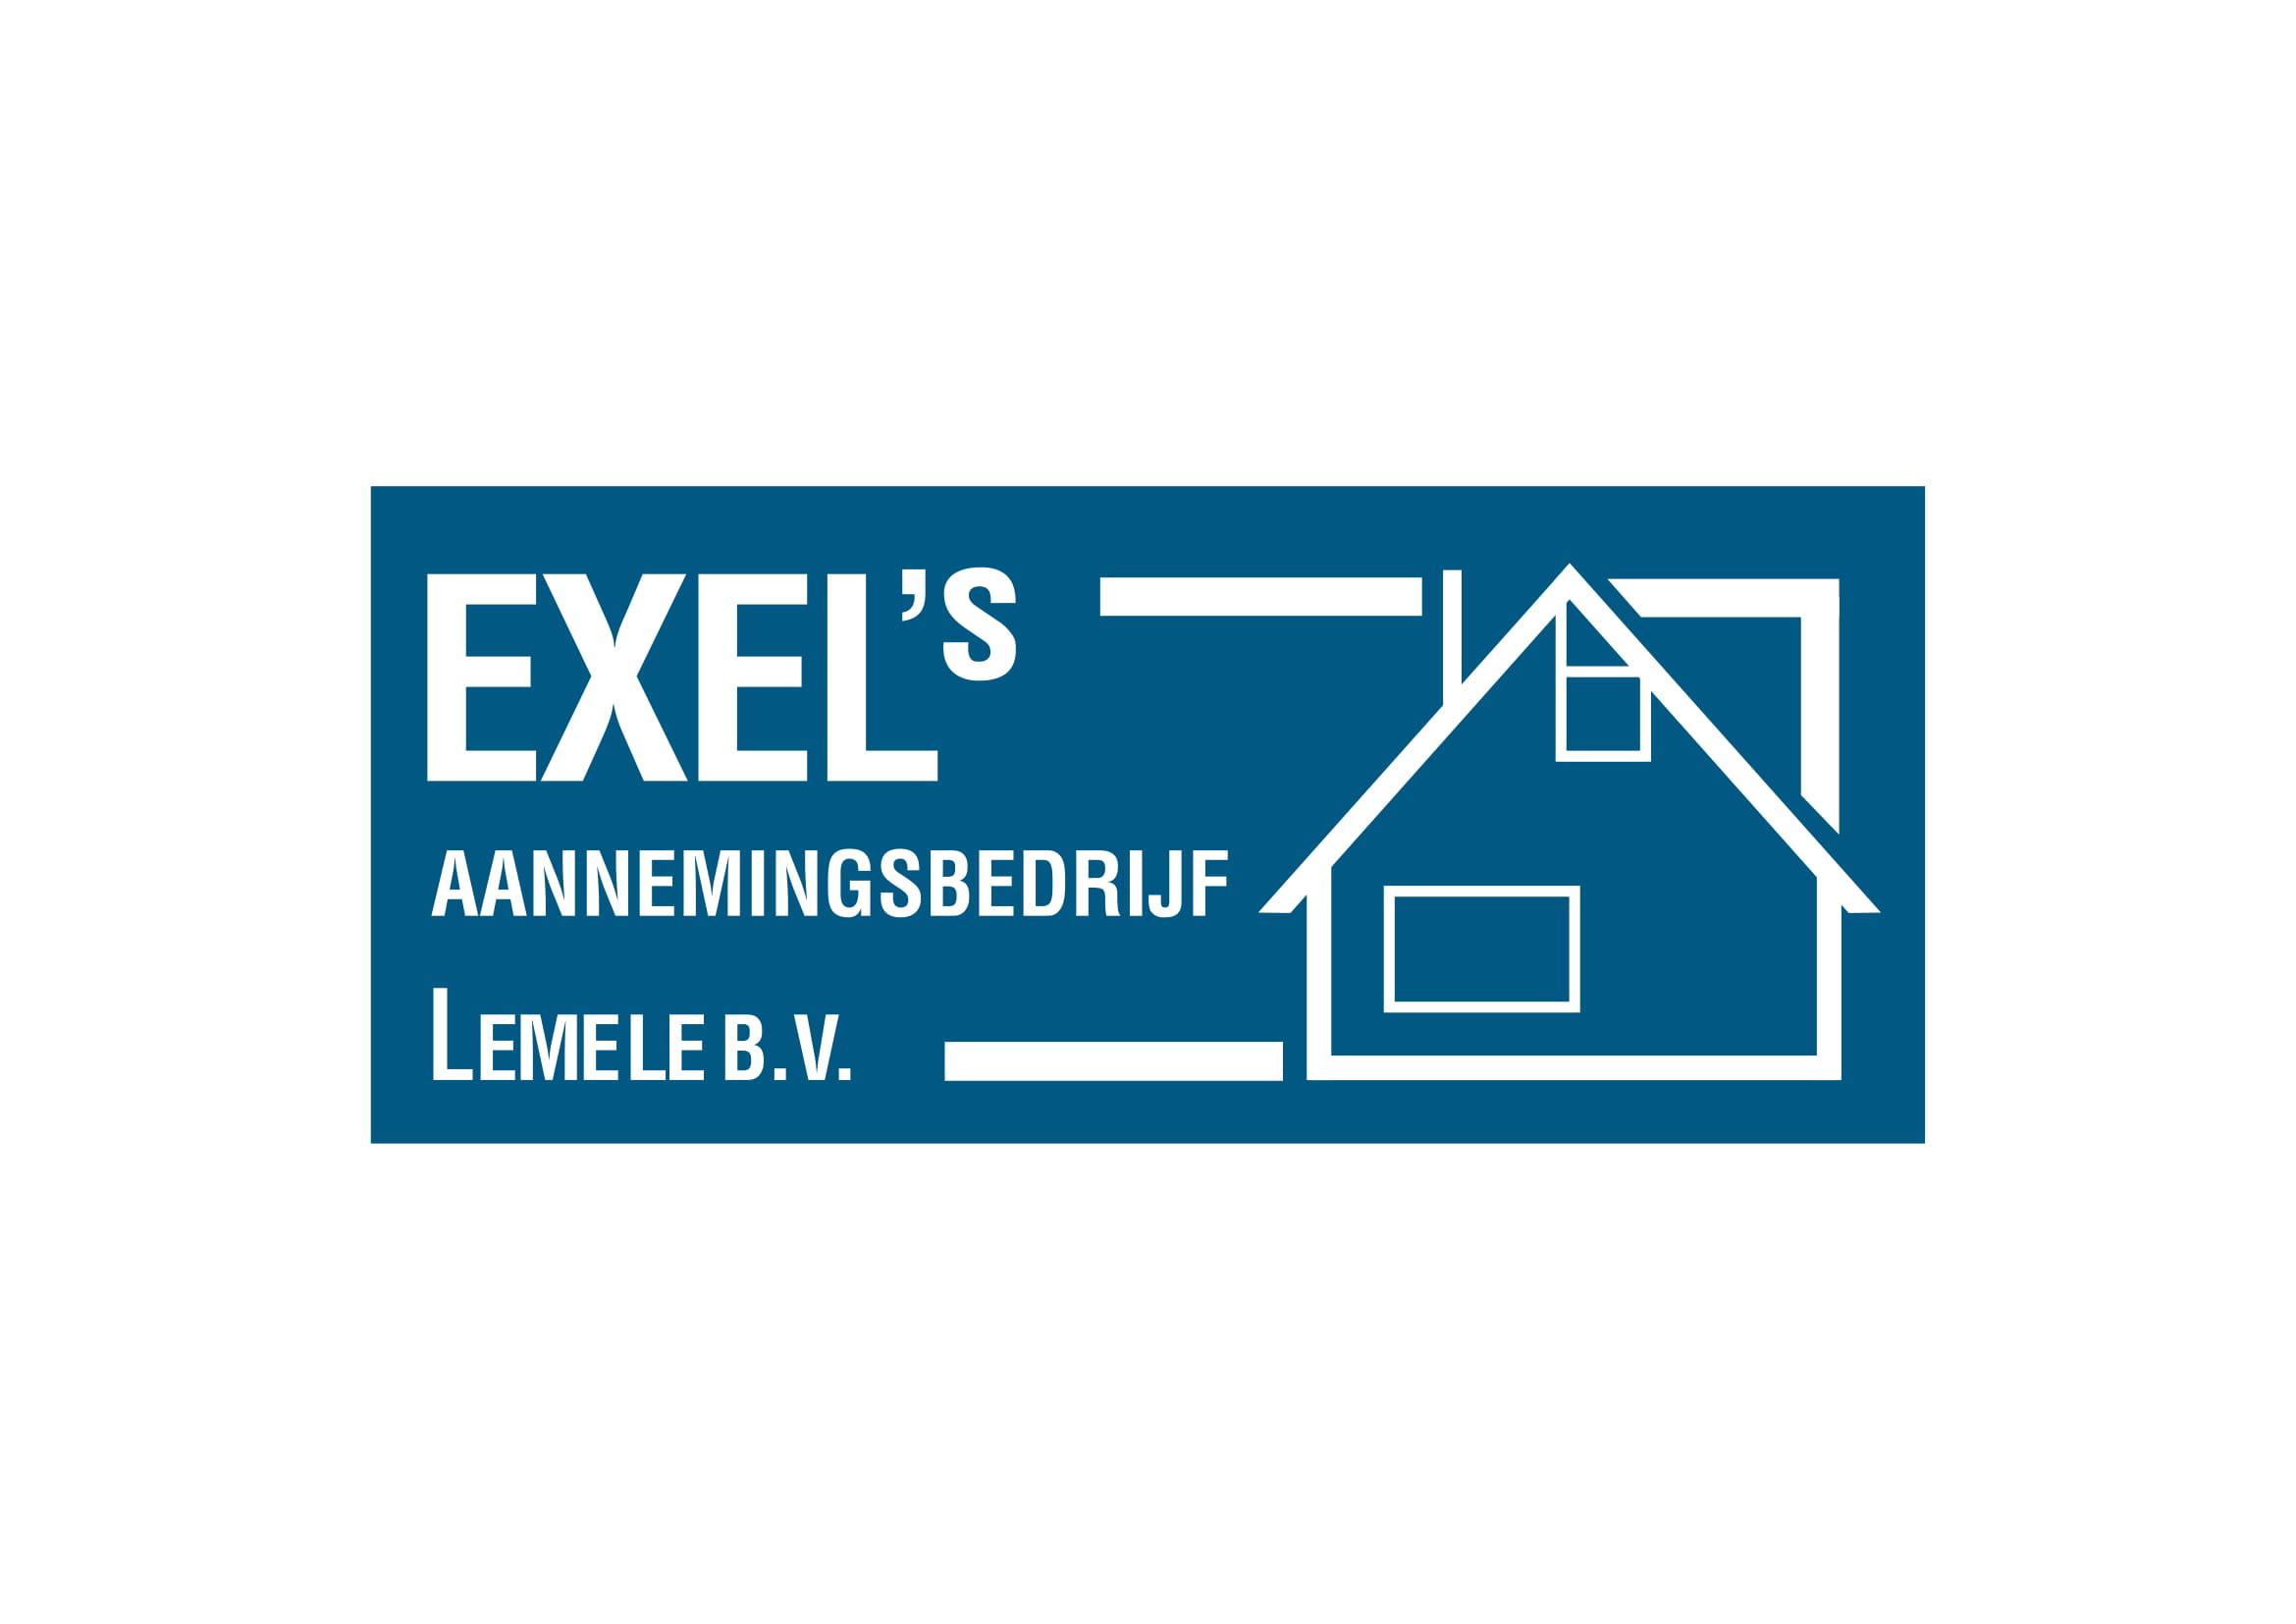 Exel's Aannemingsbedrijf Lemele B.V. is de wedstrijdsponsor bij S.C.Lemele - Achilles '12 1